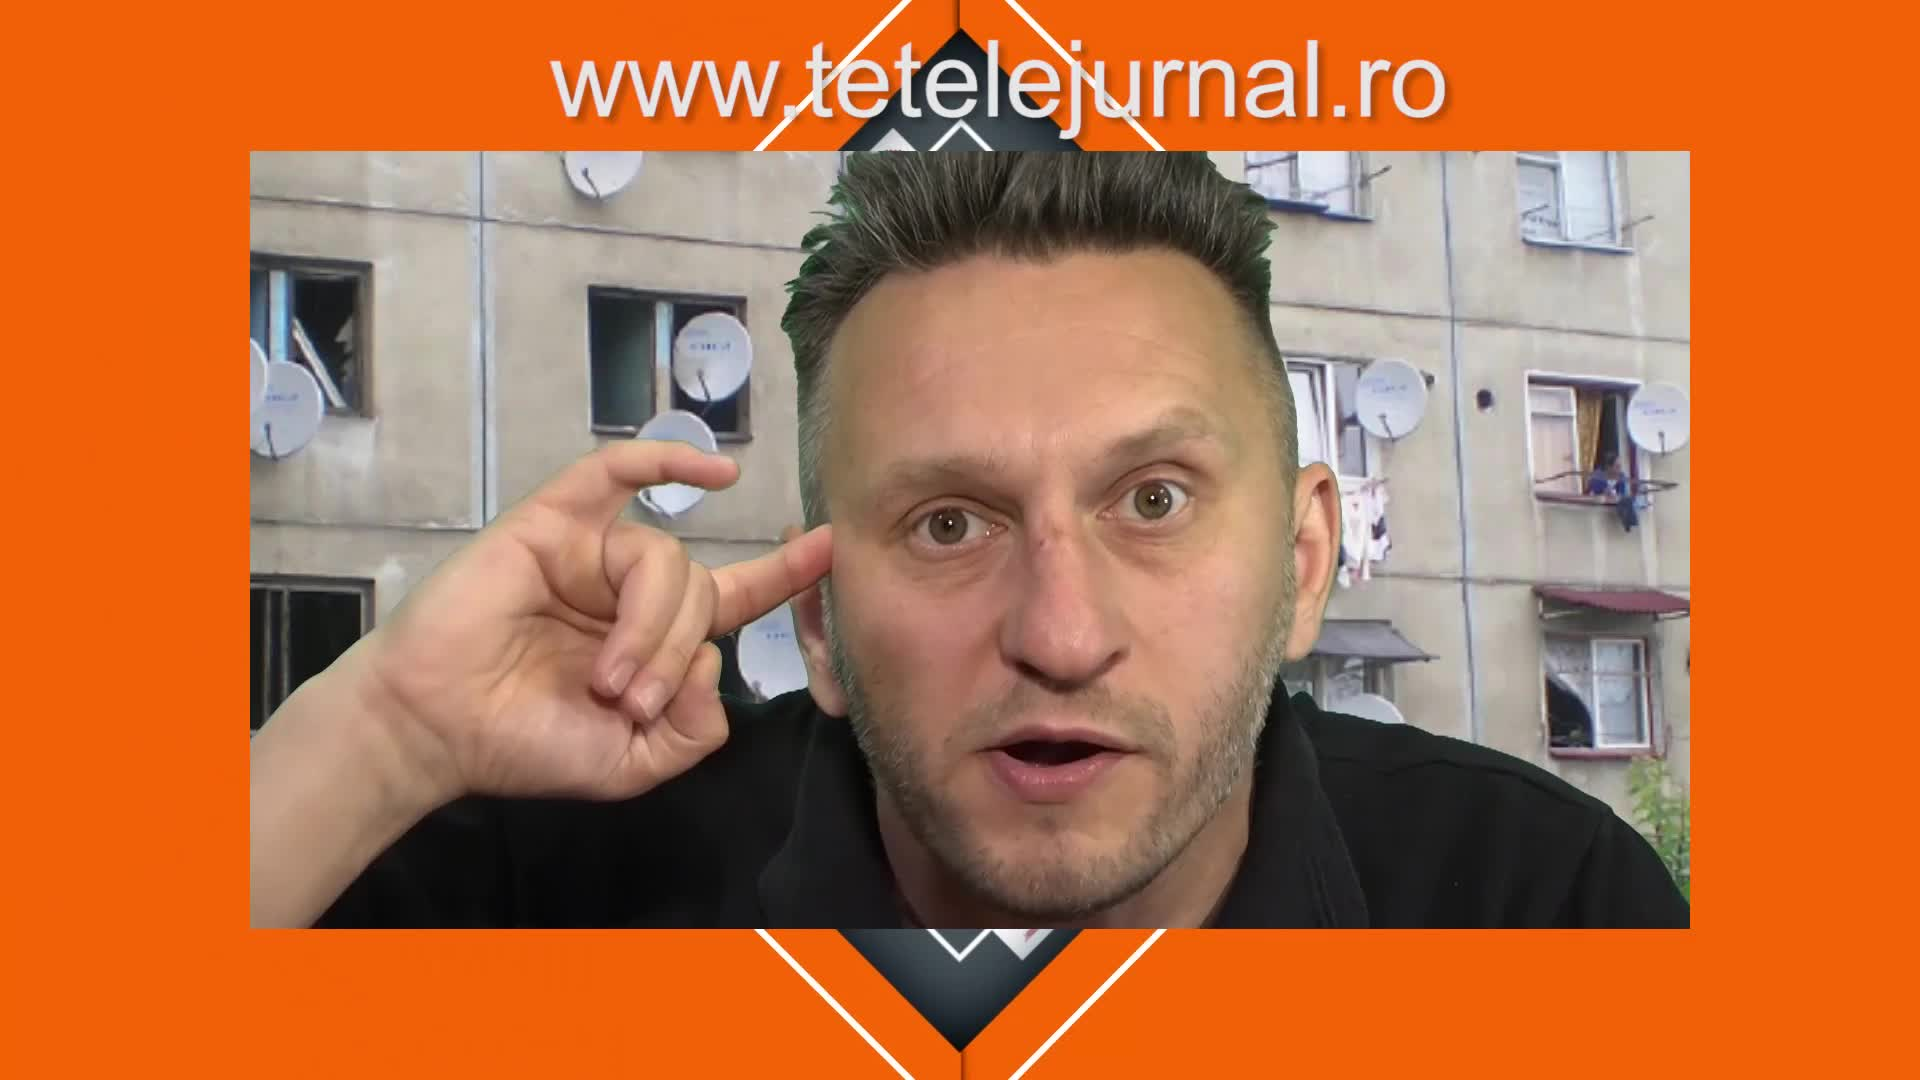 Perla lui Tetelu: Ce salariu are Tetelu